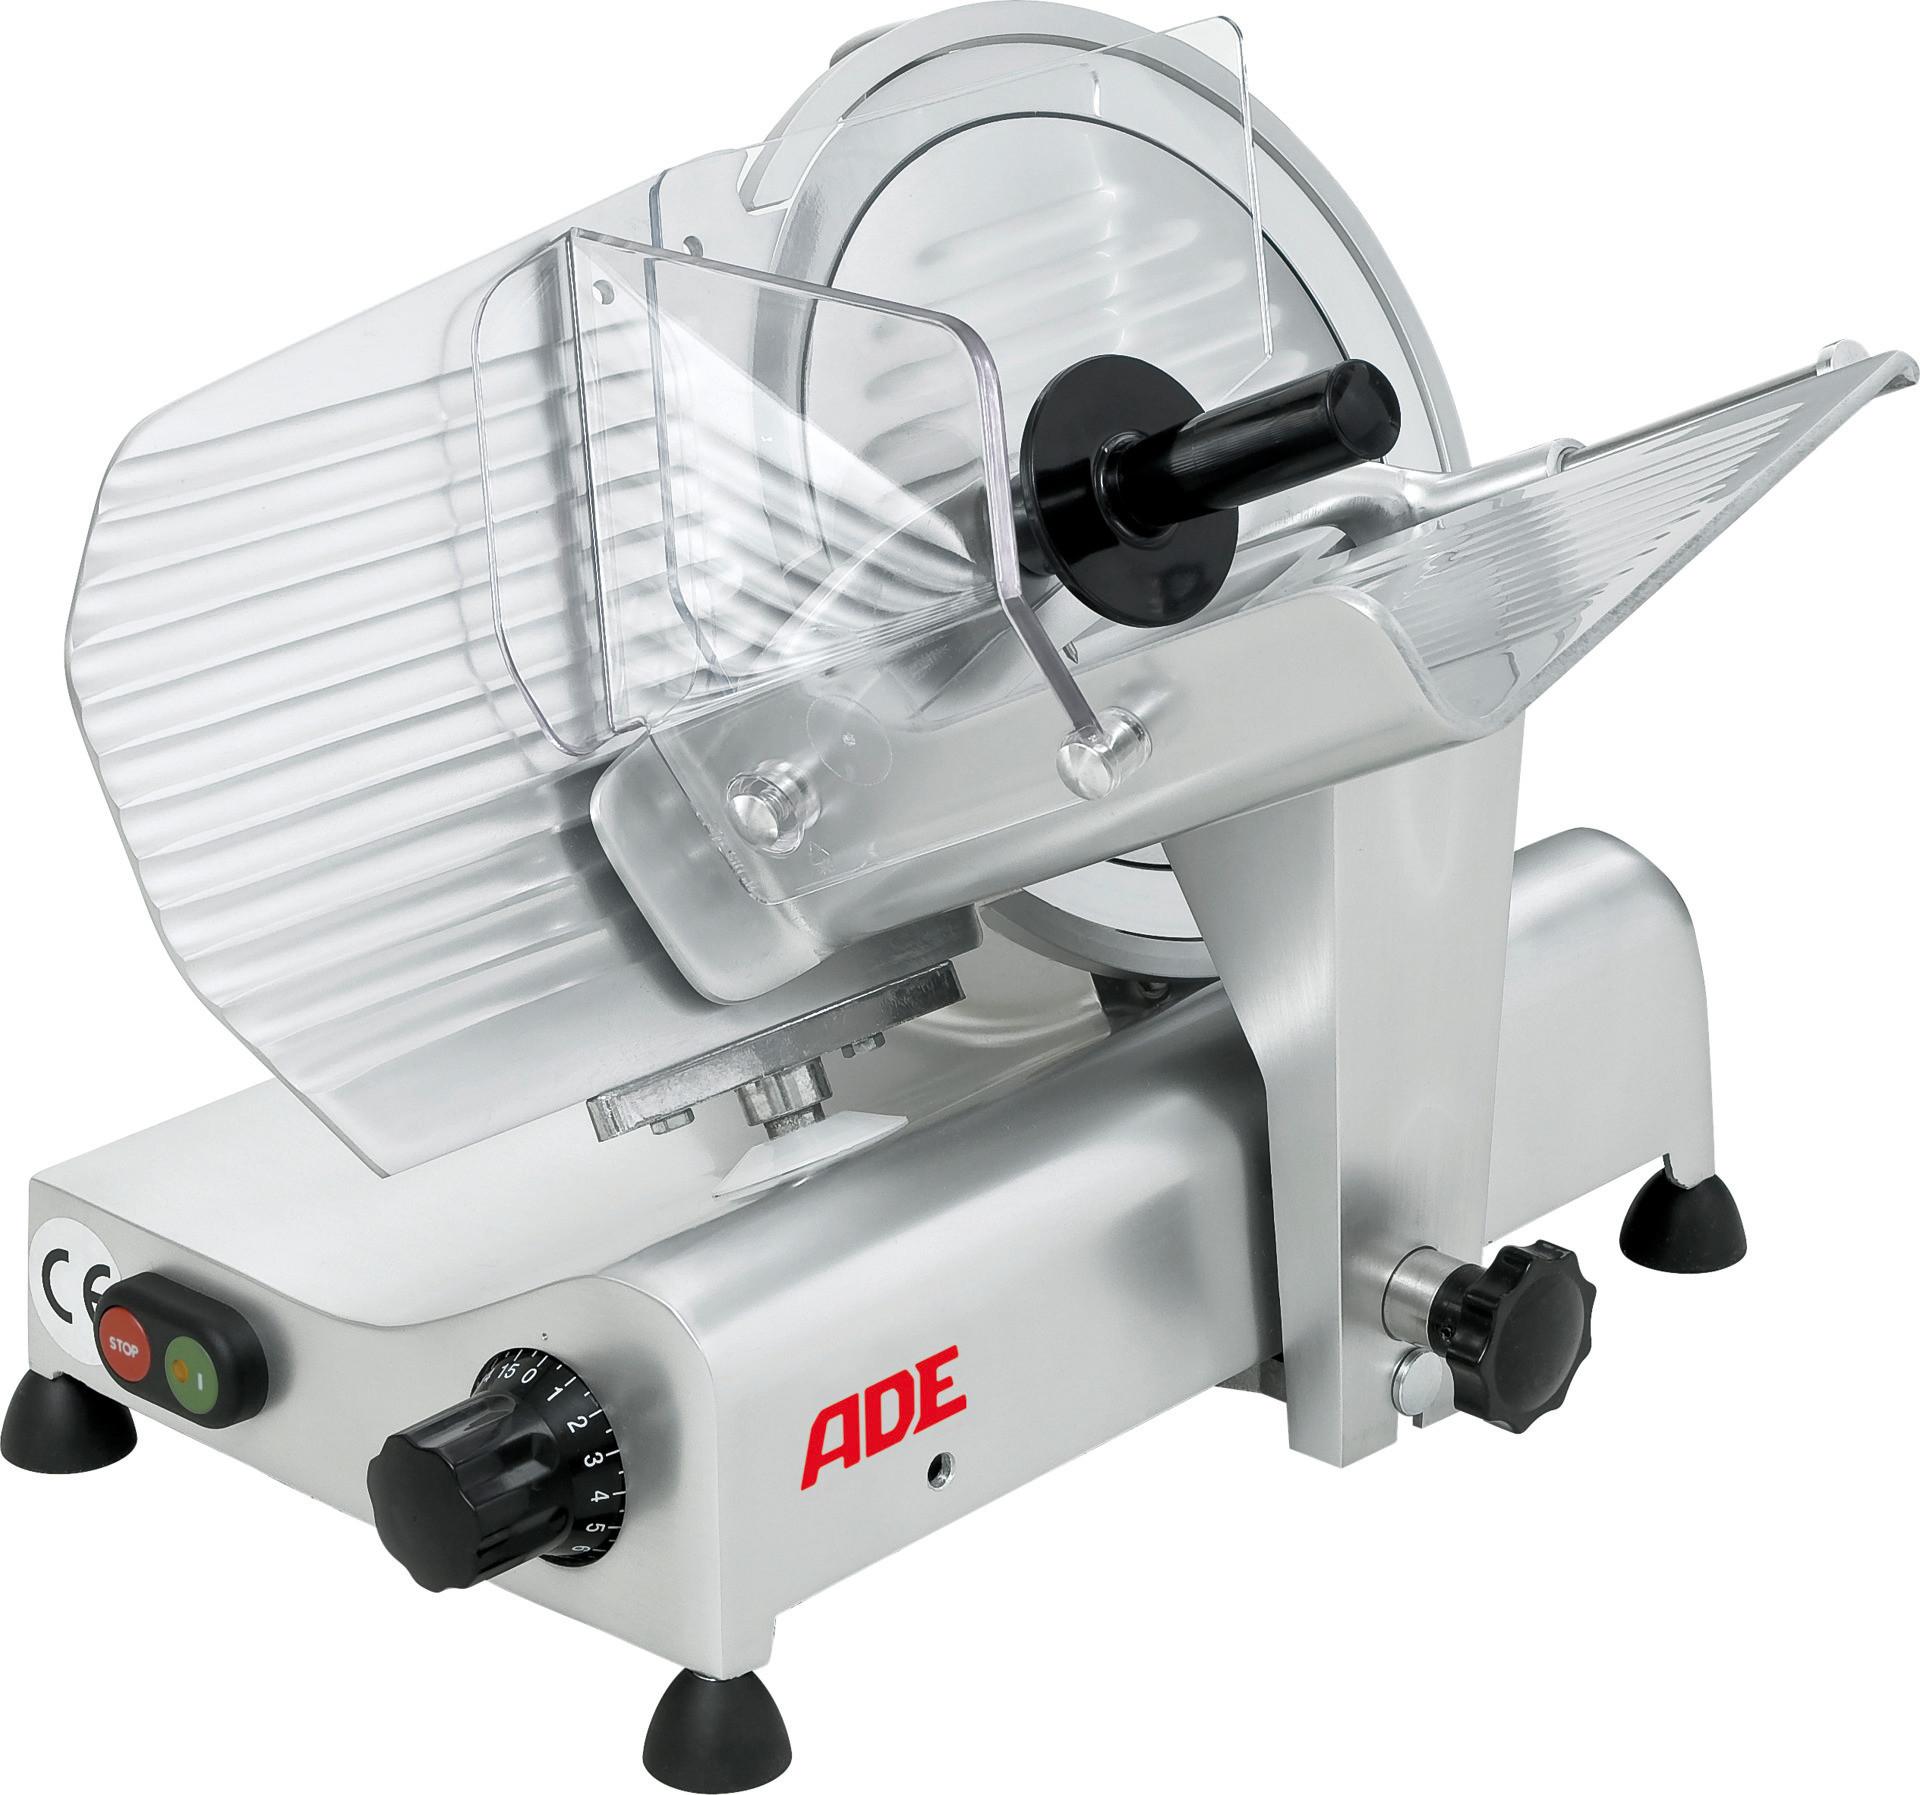 Aufschnittmaschine ø 300 mm / 400 V / Schrägschneider / Bereich 235 x 220 mm